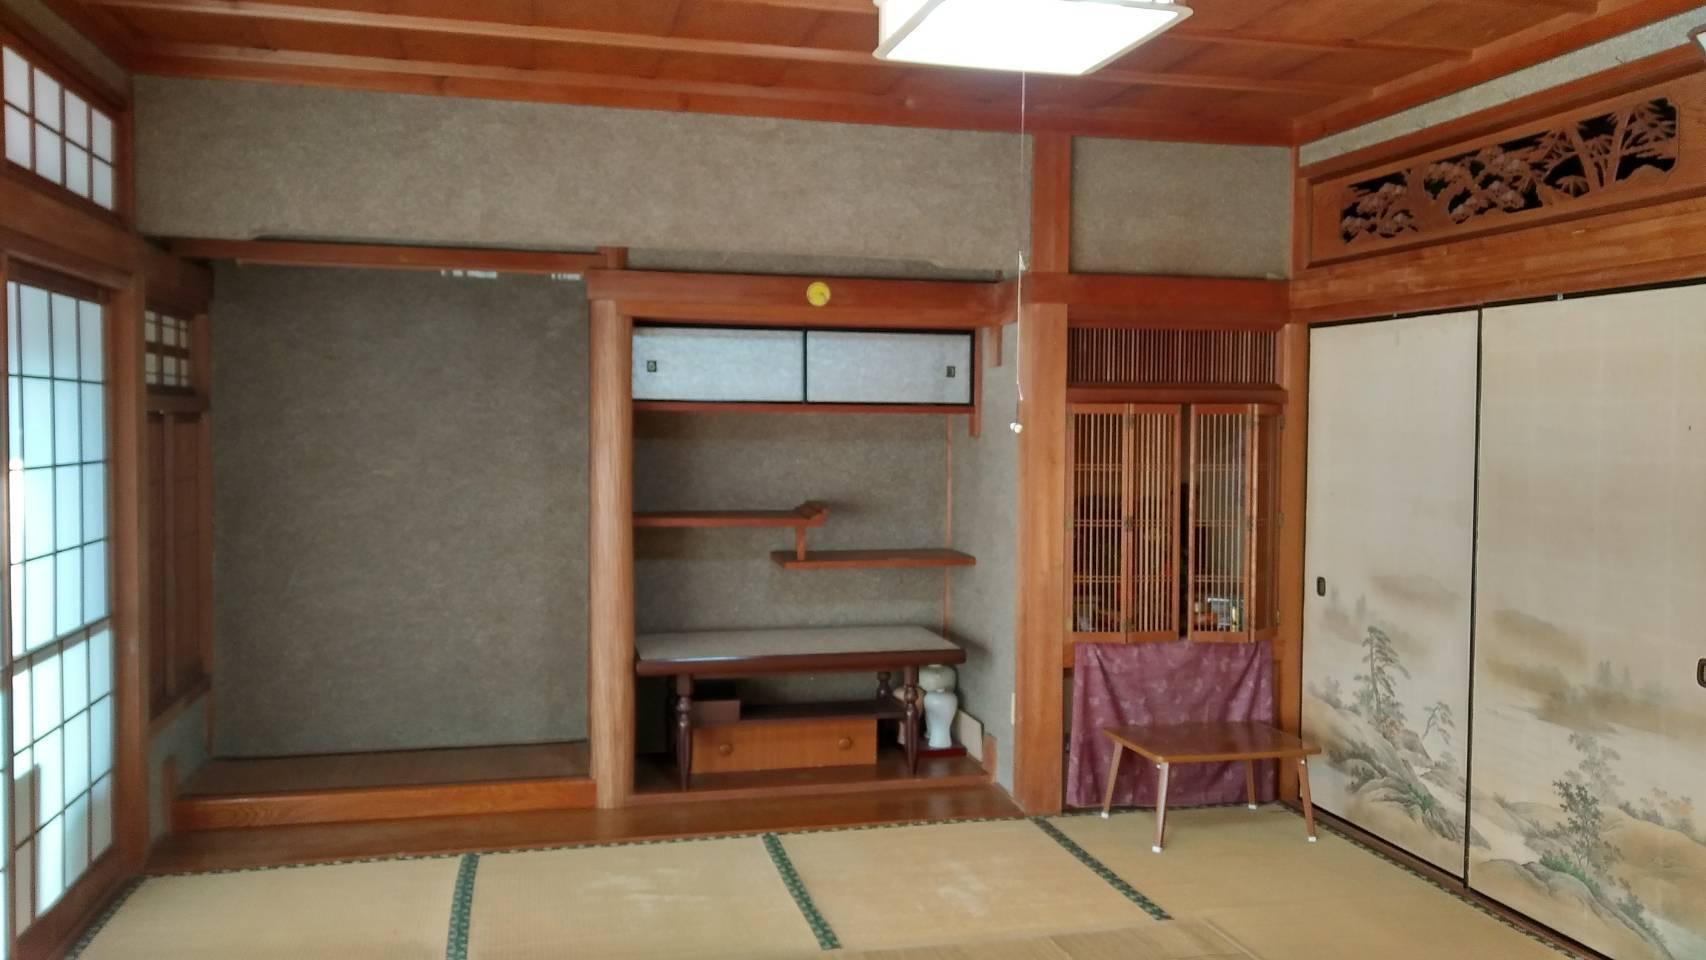 IMG 0602 - 【木津川市加茂町】中古戸建。敷地面積600坪以上。